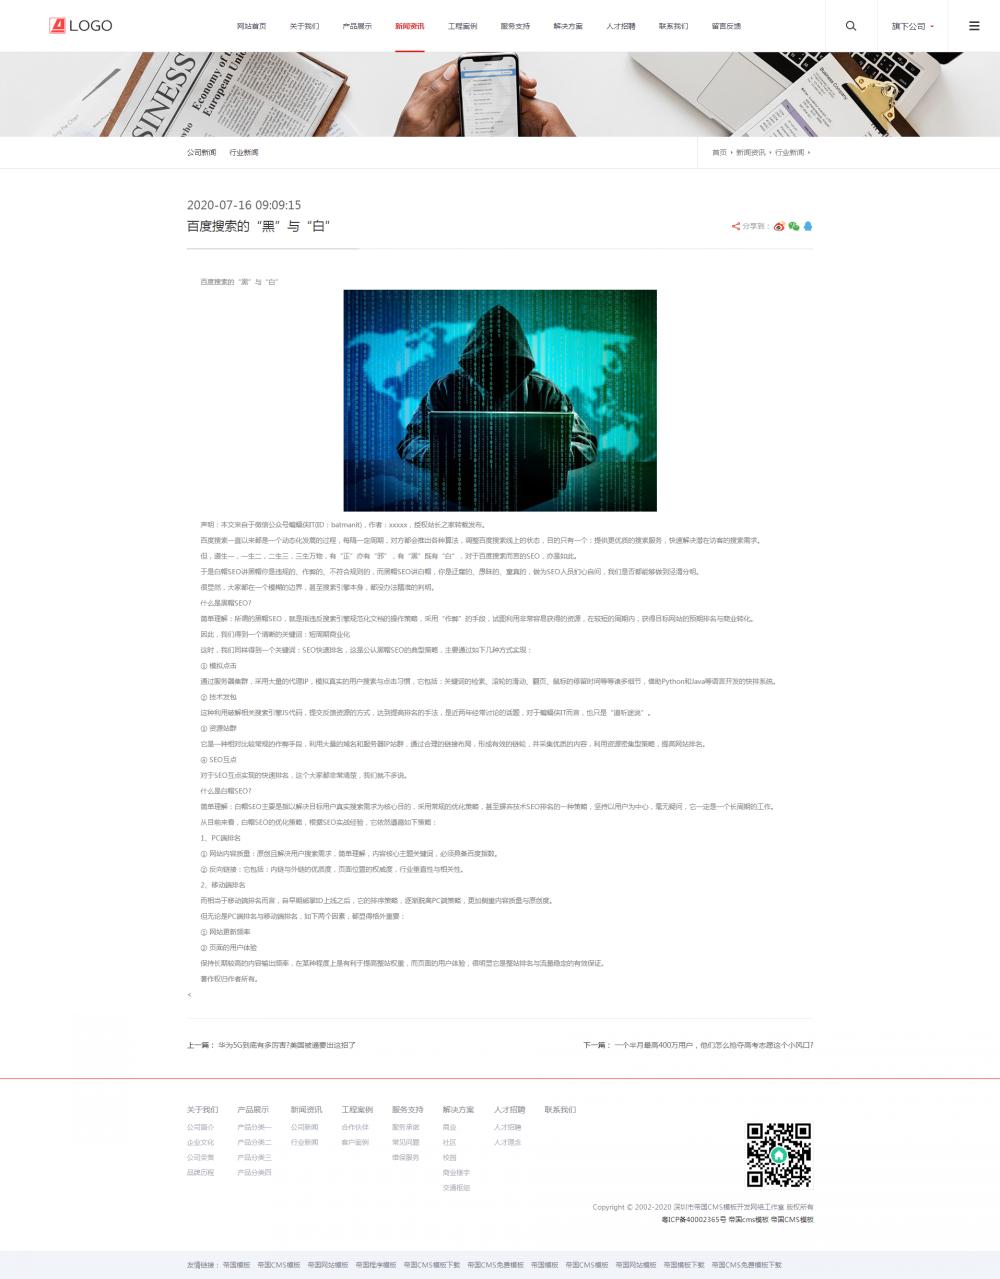 12新闻内容页.png [DG-124]响应式大型企业集团类帝国CMS模板 HTML5工业机械设备帝国网站源码下载 企业模板 第12张